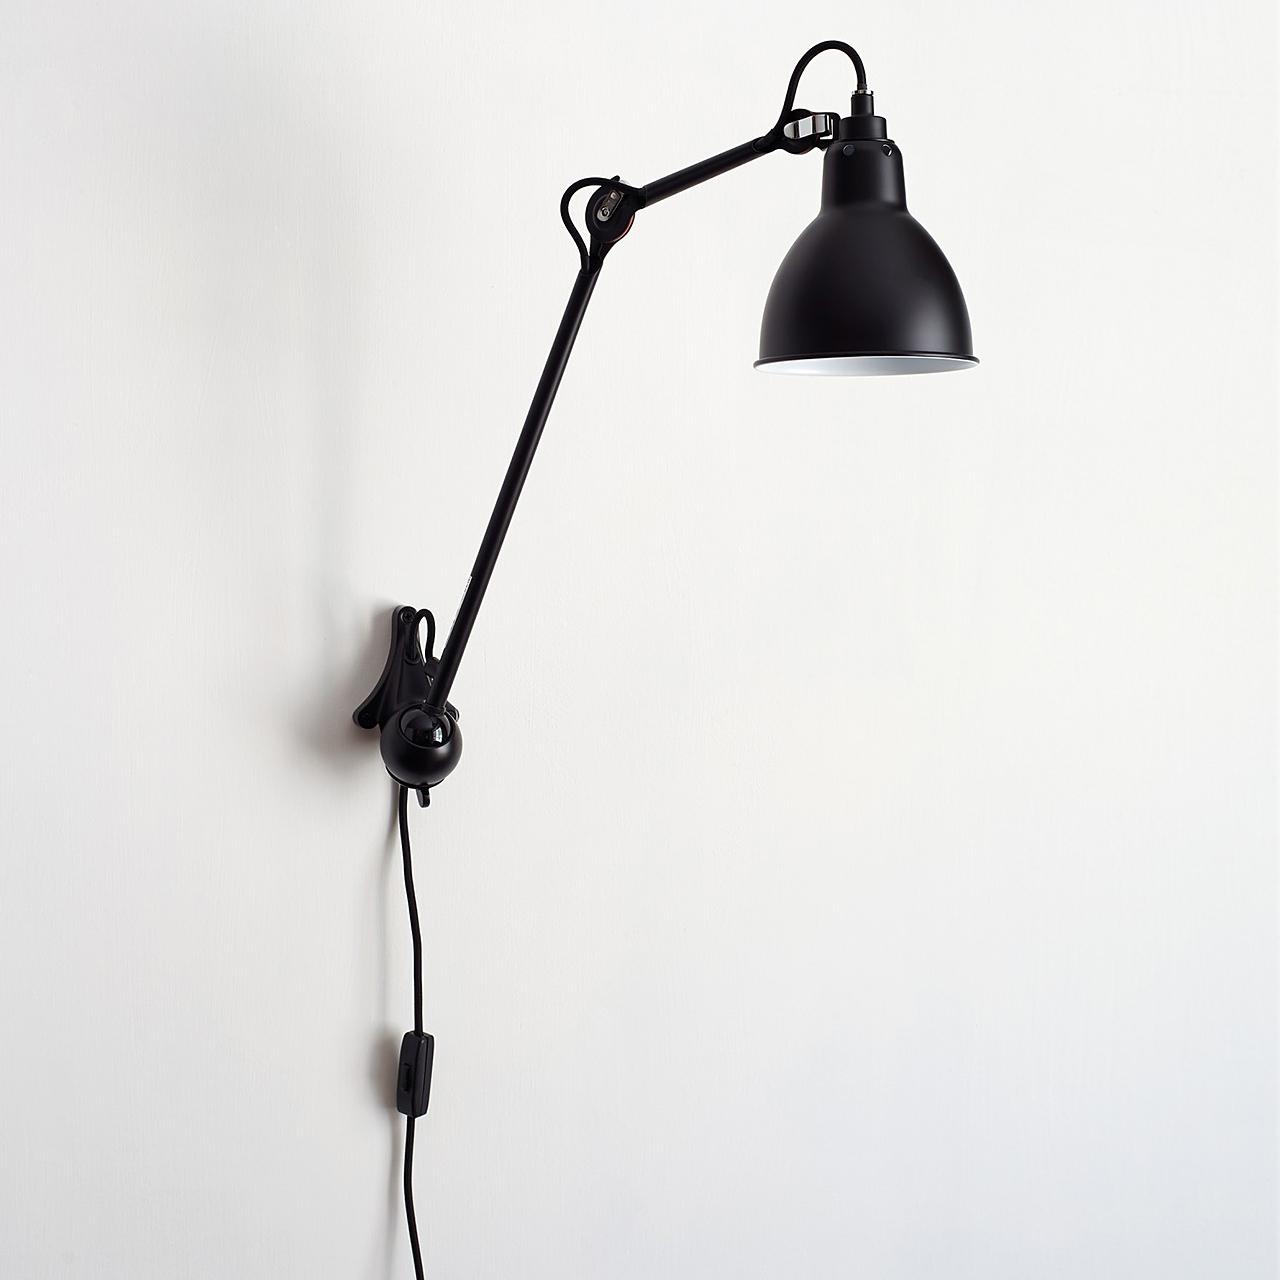 Lampe Gras '222' Wandleuchte 01